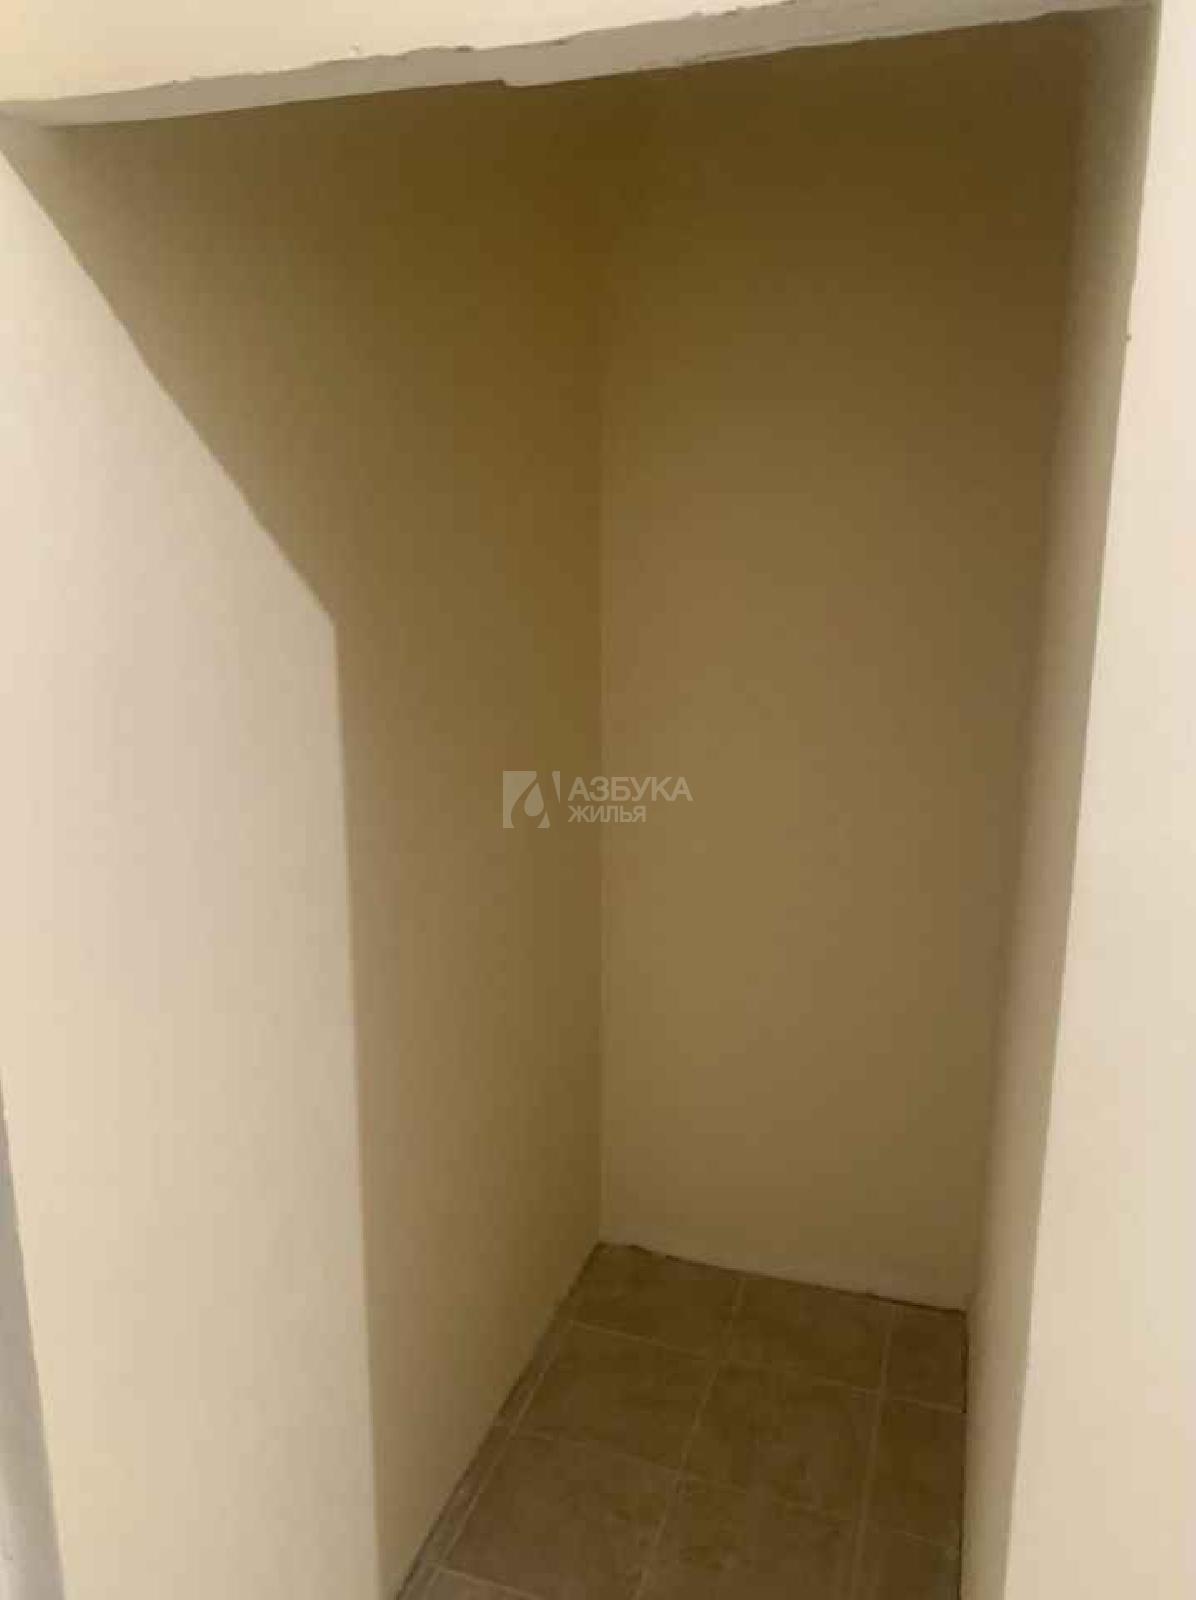 Фото №2 - 2-комнатная квартира, Красногорск, Центральный проезд 21, метро Митино